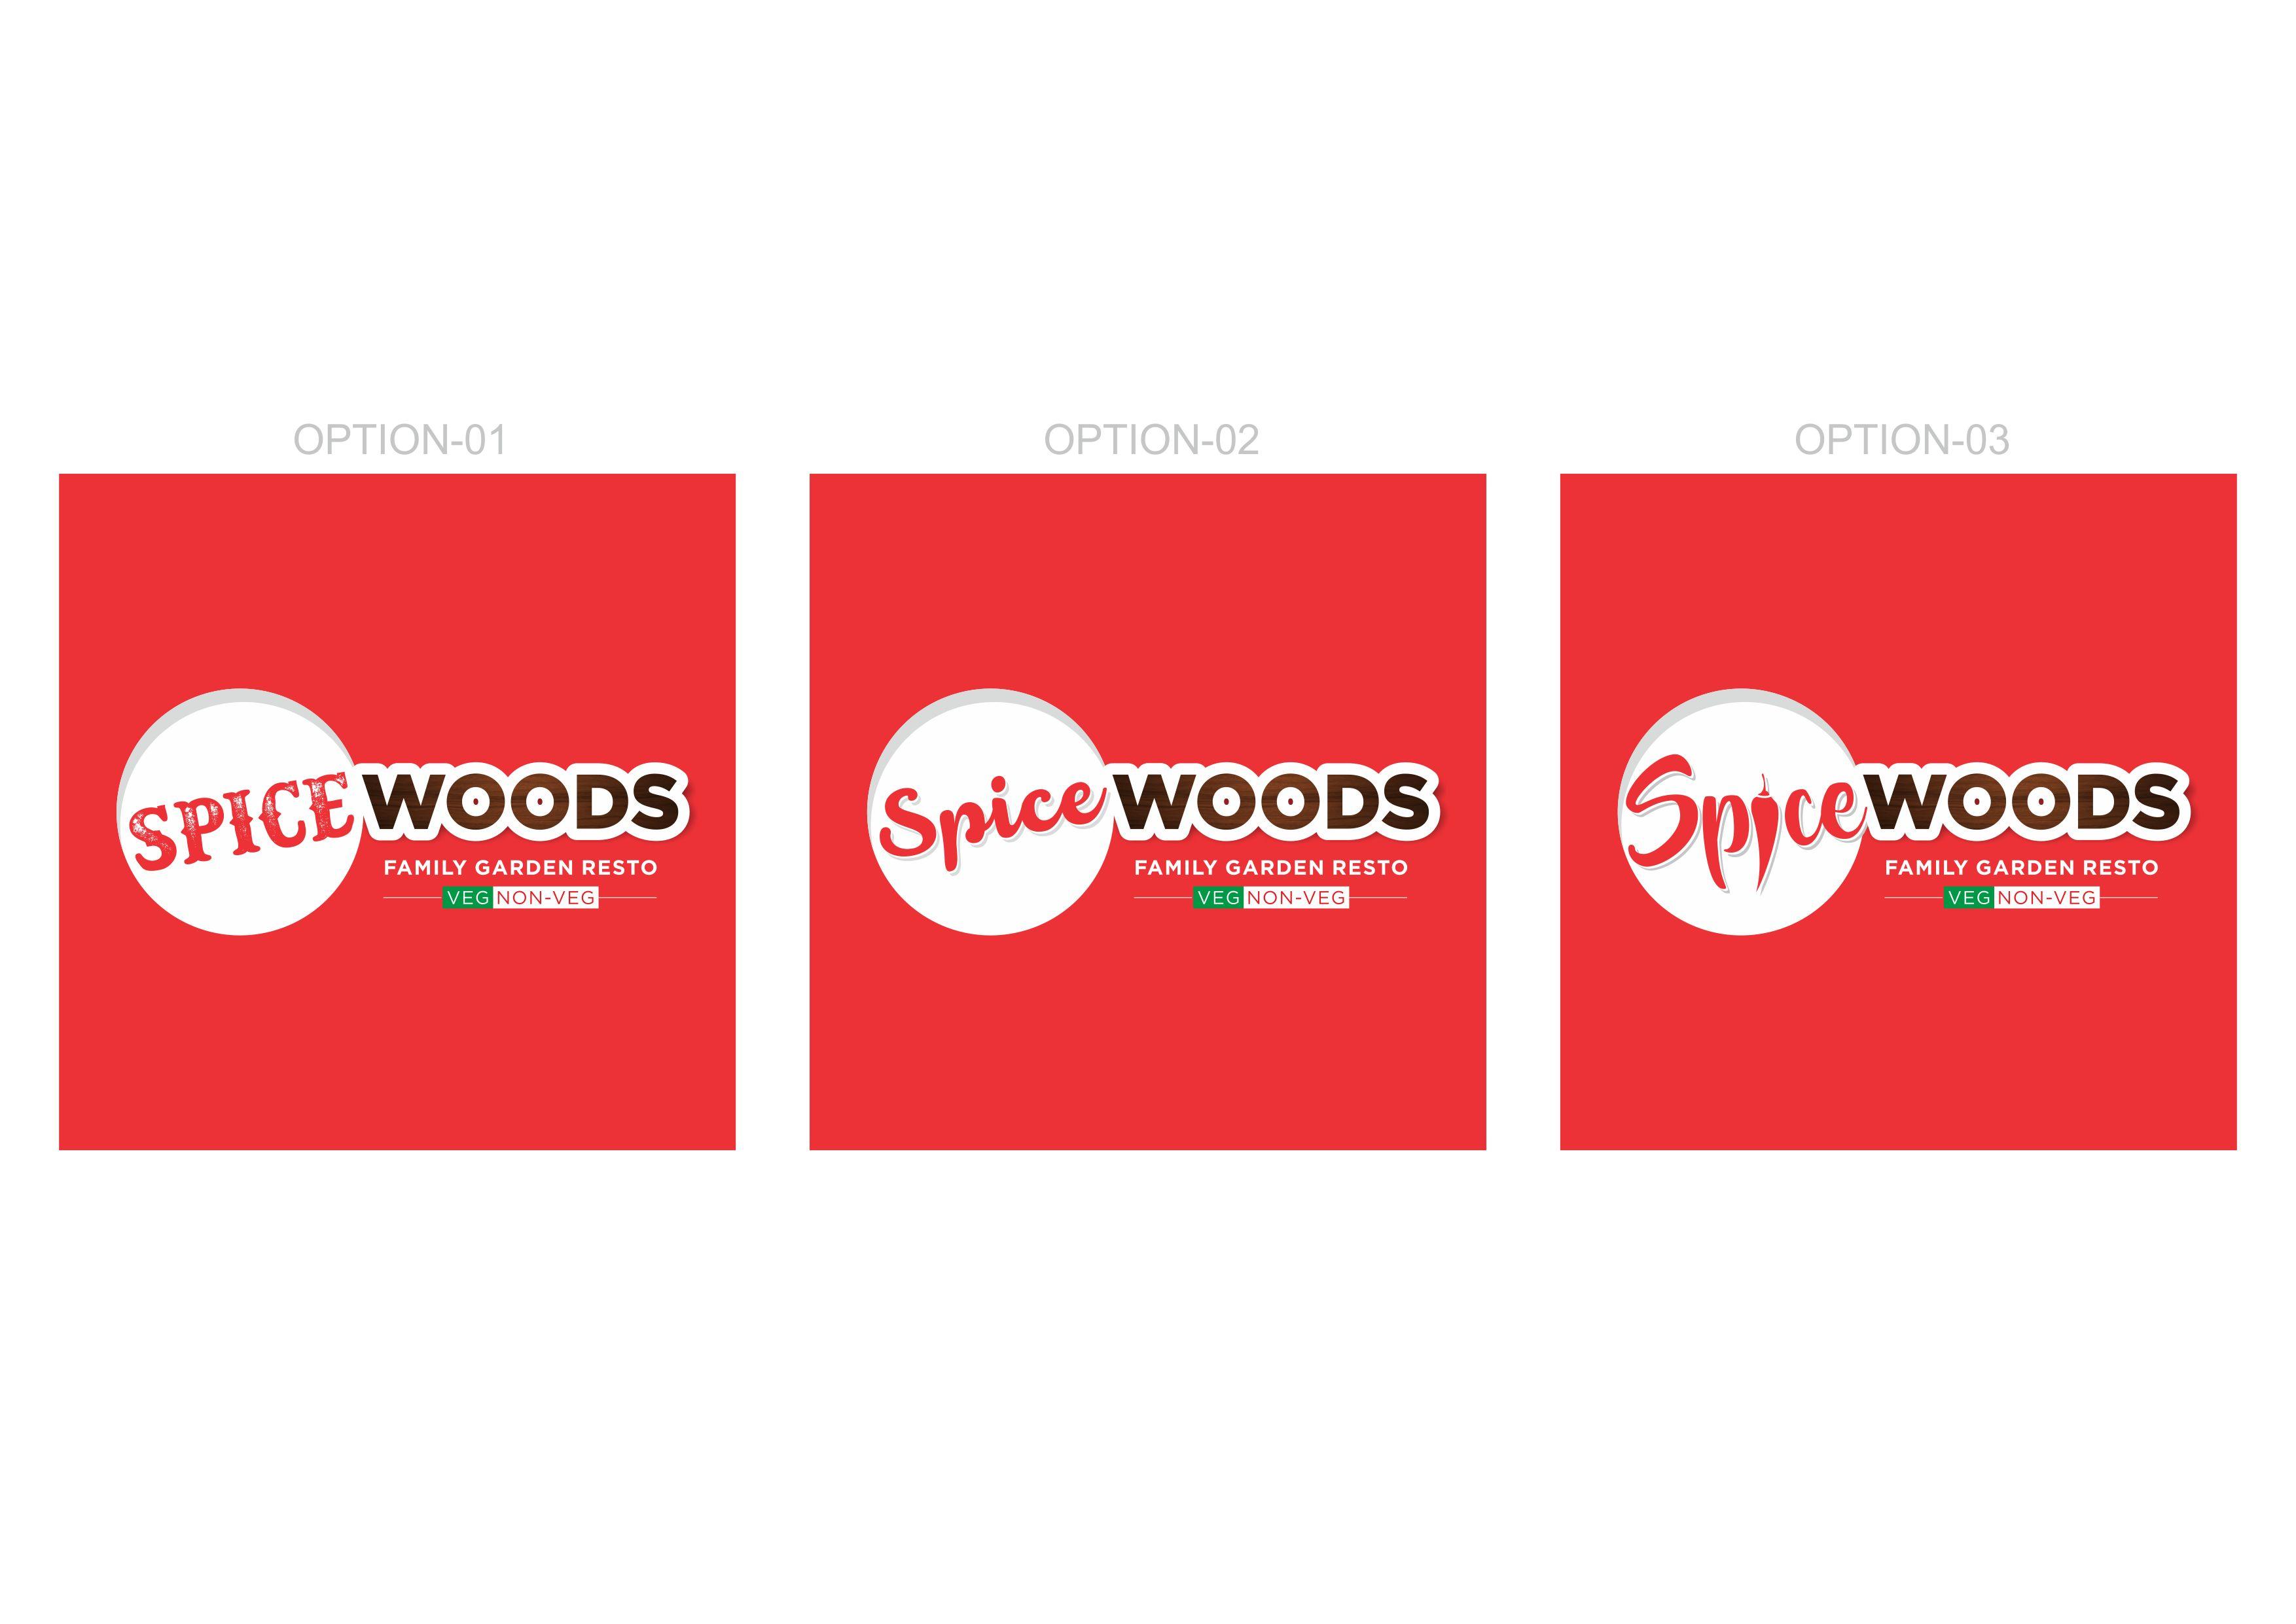 Spice woods Pune logo